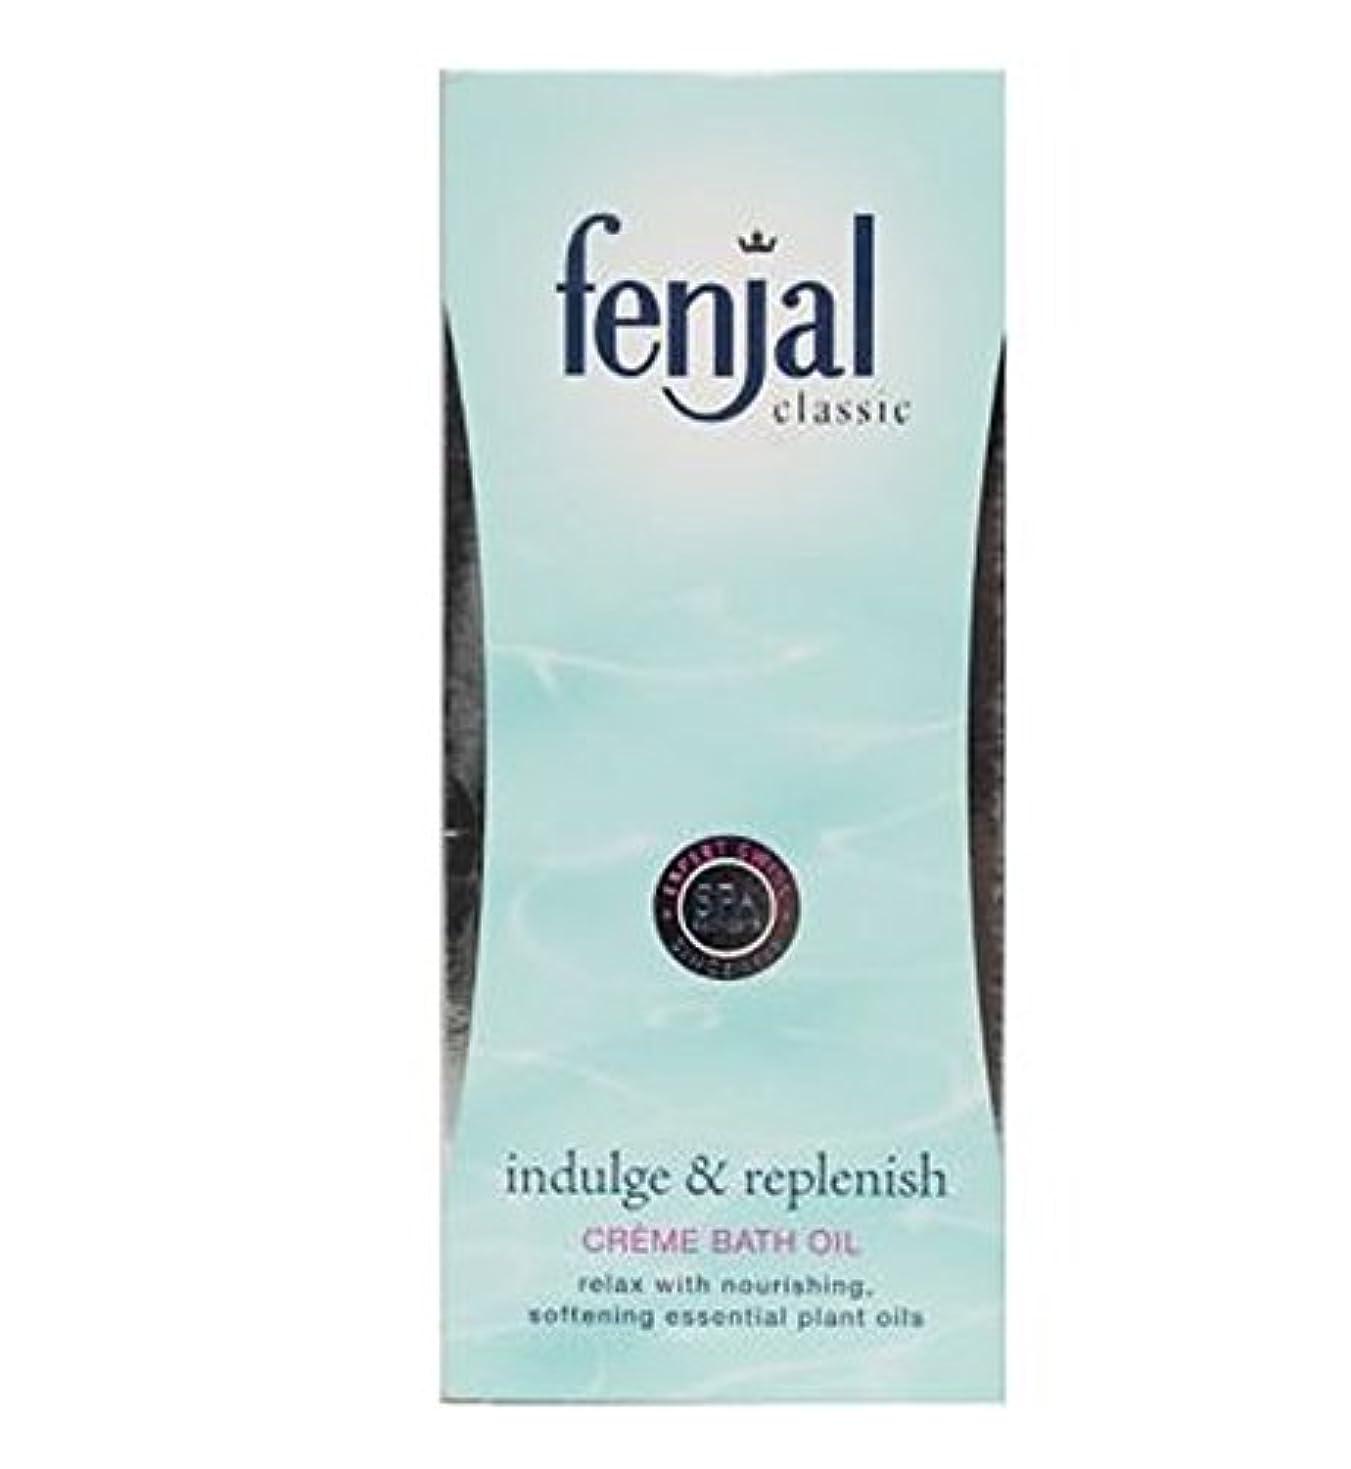 戦争礼拝スパイラルFenjal古典的な高級クリームバスオイル125ミリリットル (Fenjal) (x2) - Fenjal Classic Luxury Creme Bath Oil 125 ml (Pack of 2) [並行輸入品]